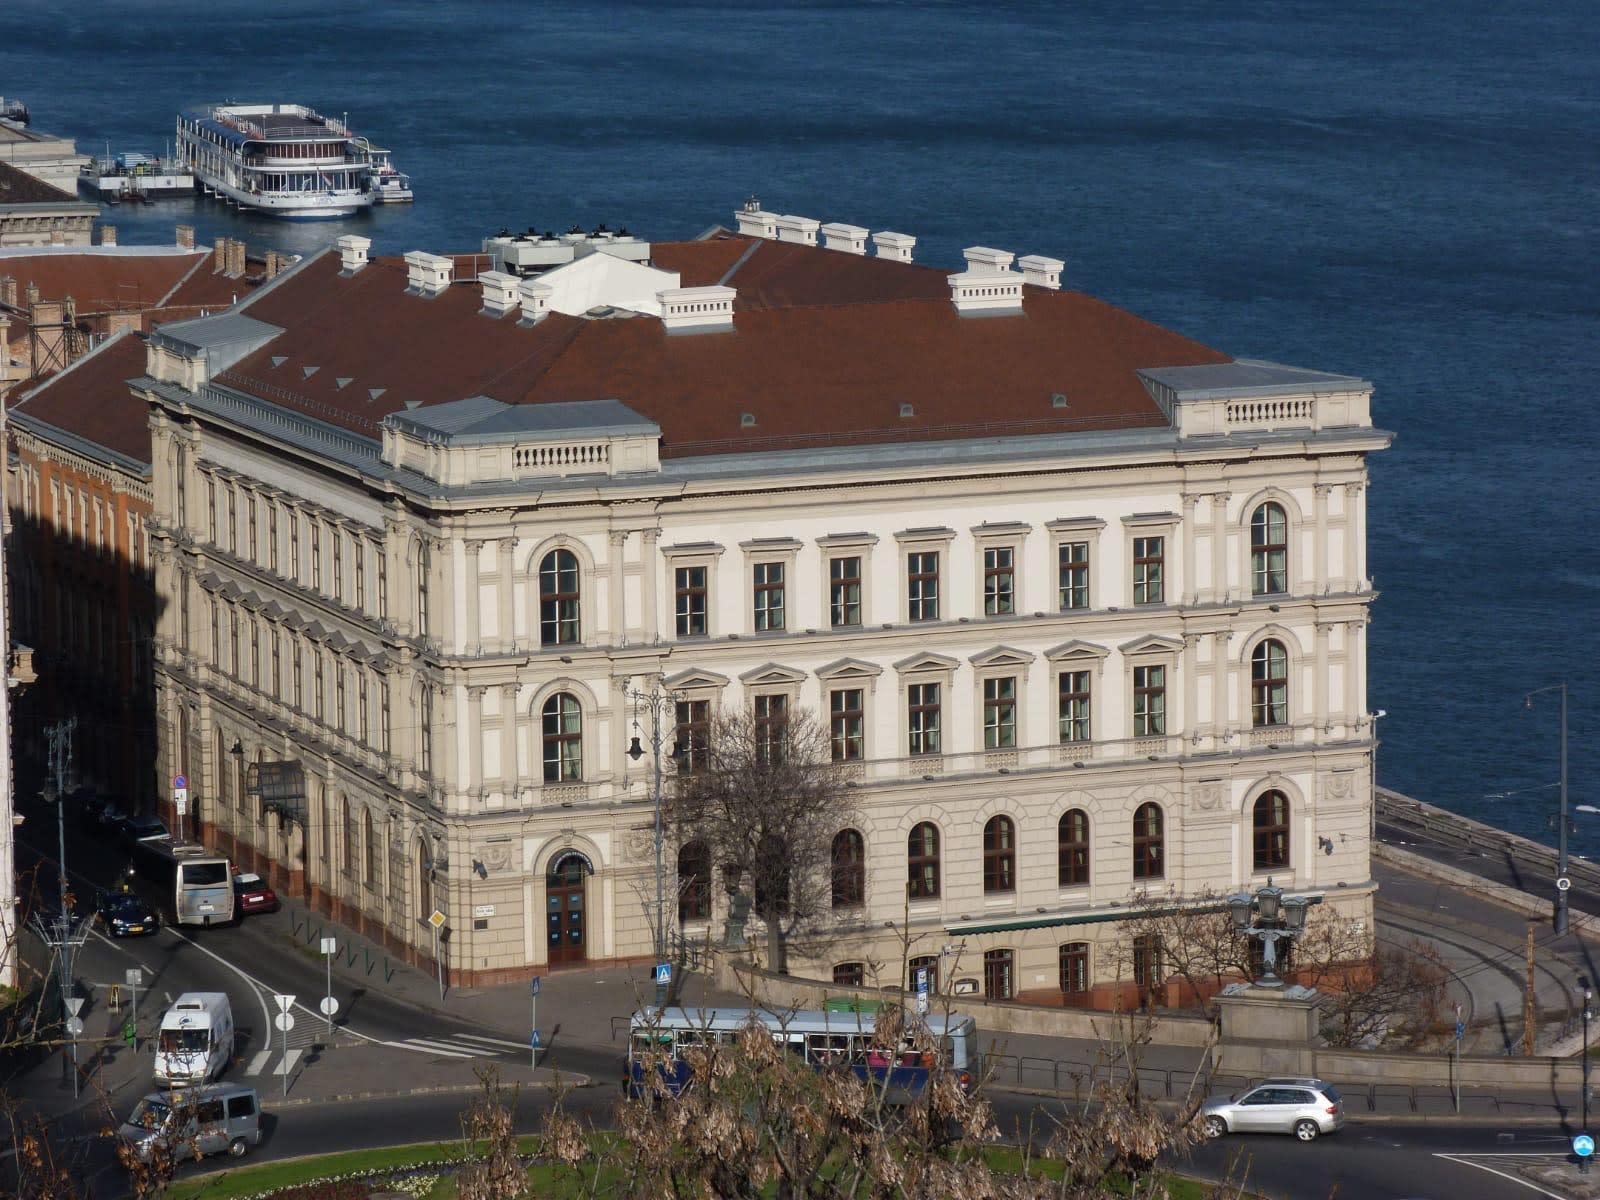 МИБ заключил соглашение о приобретении исторического здания Lánchíd Palota для размещения своей штаб квартиры в Будапеште